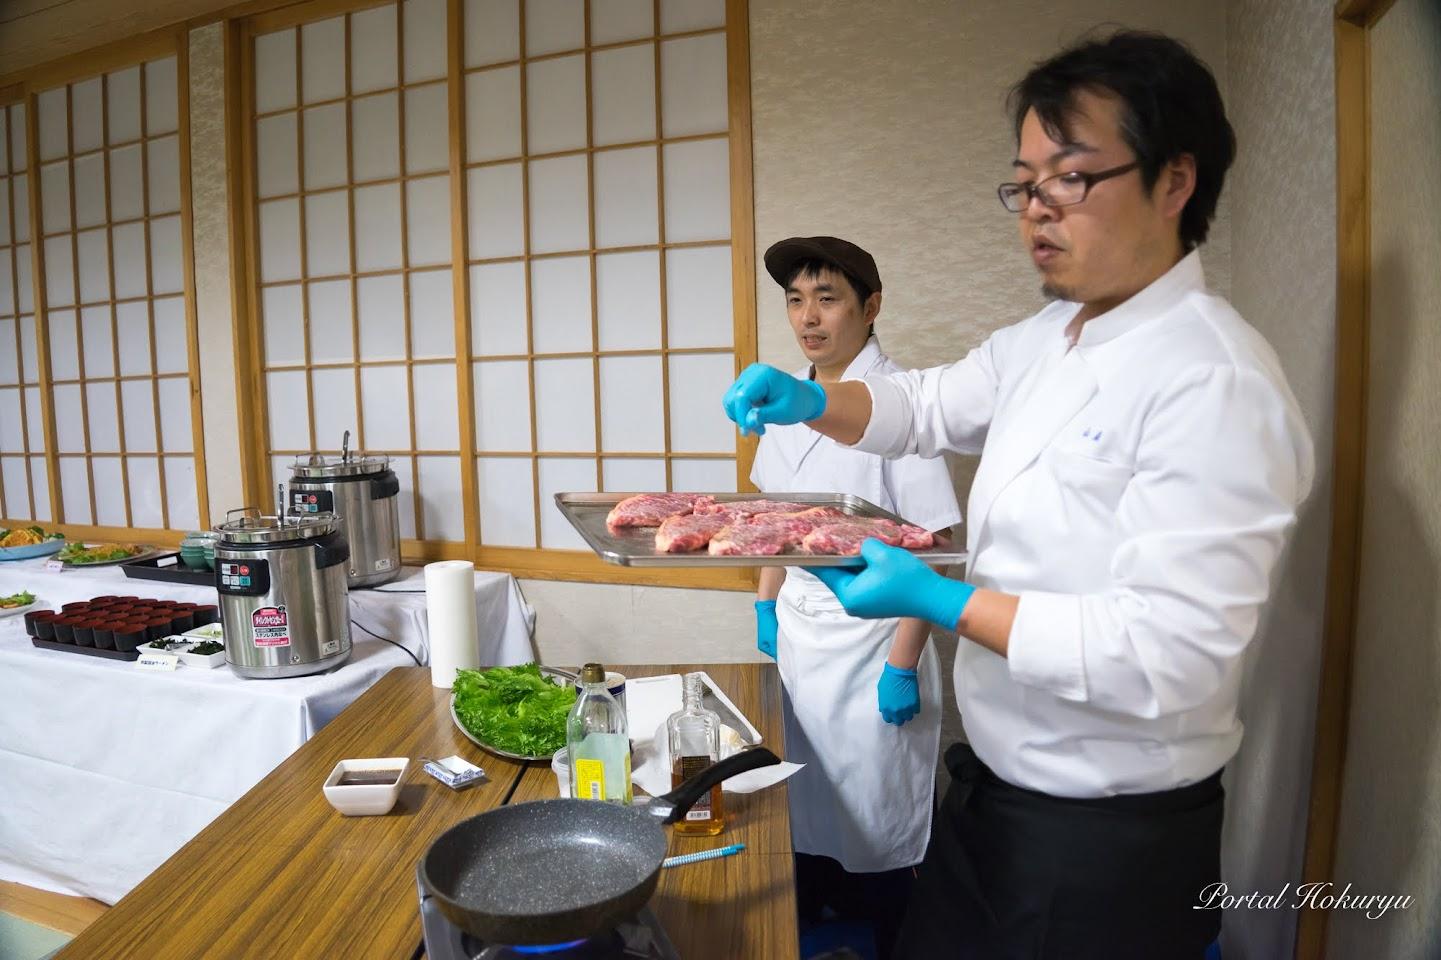 山森和樹シェフ(右)と料理人・佐藤光男さん(左)